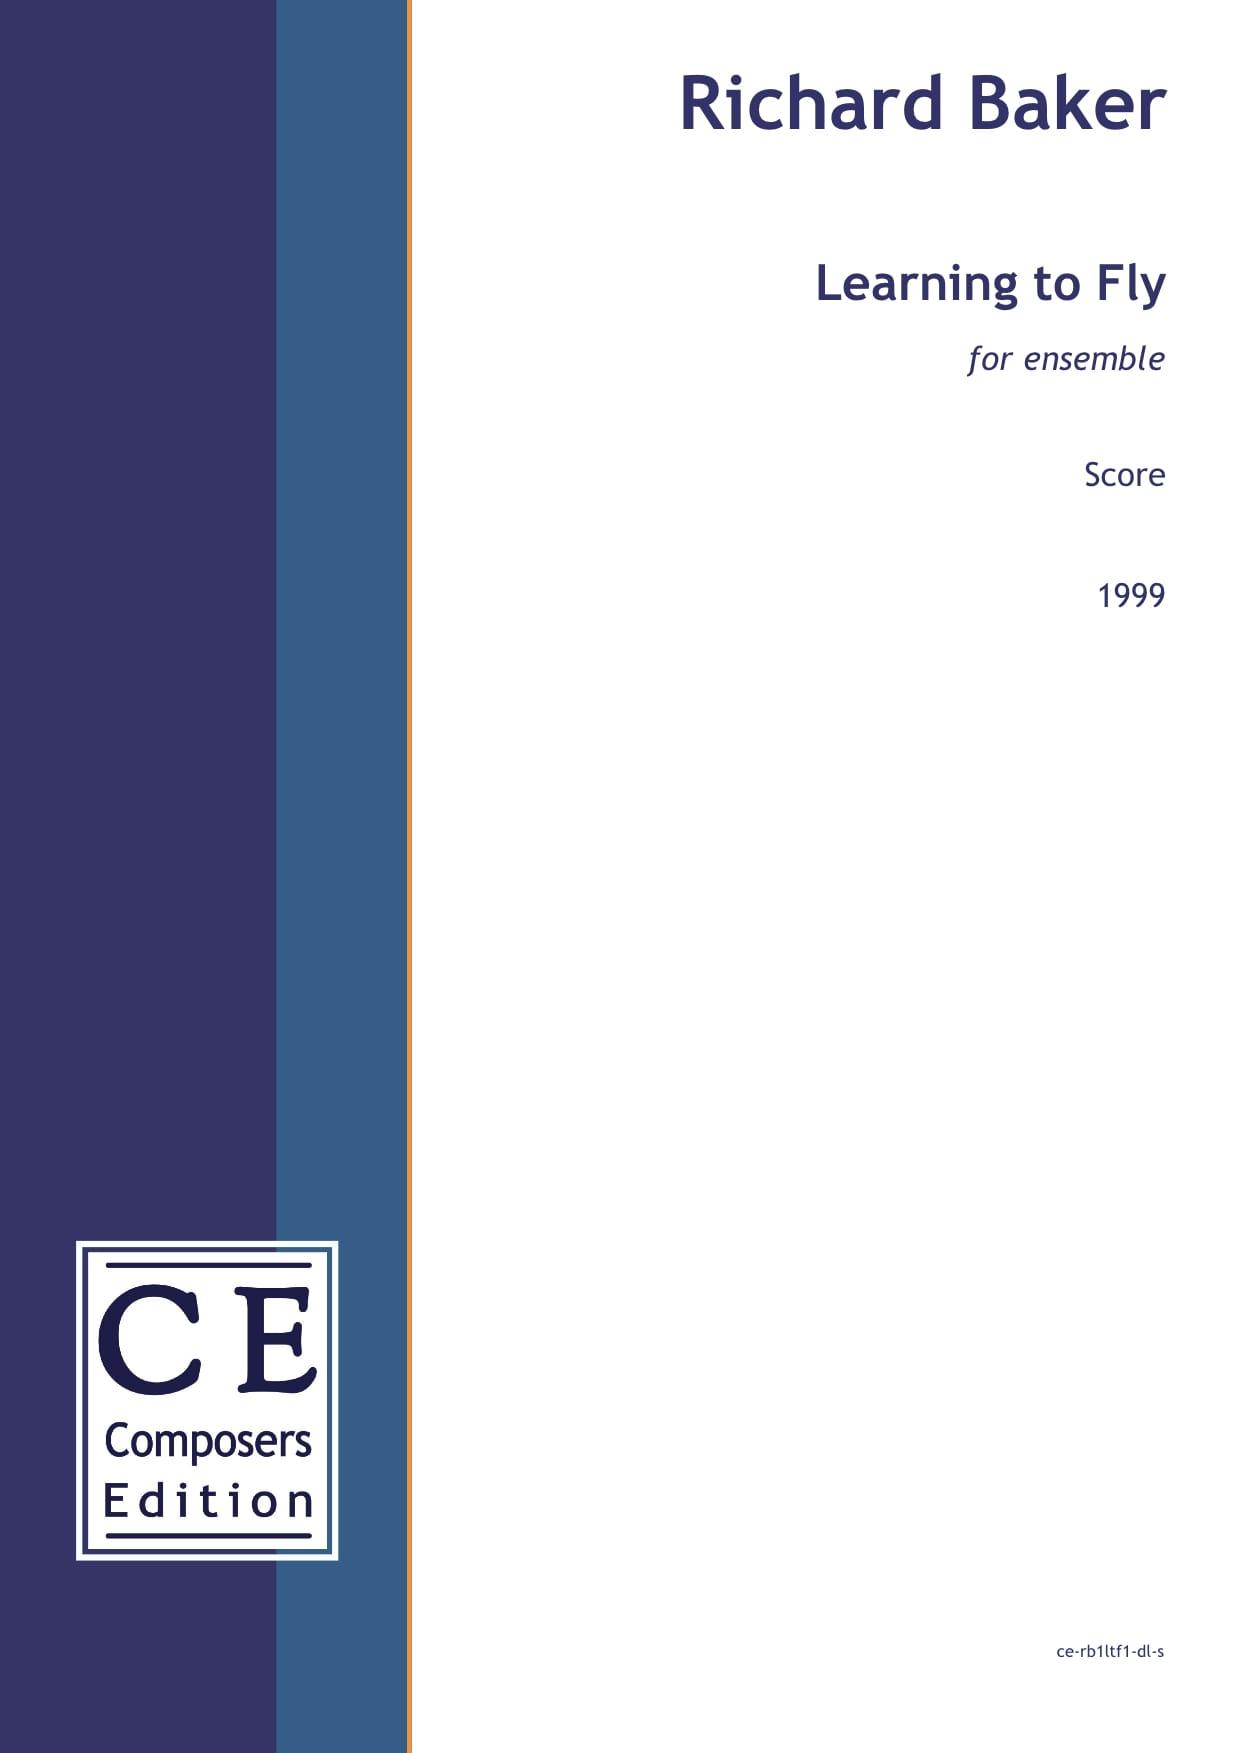 Richard Baker: Learning To Fly for ensemble